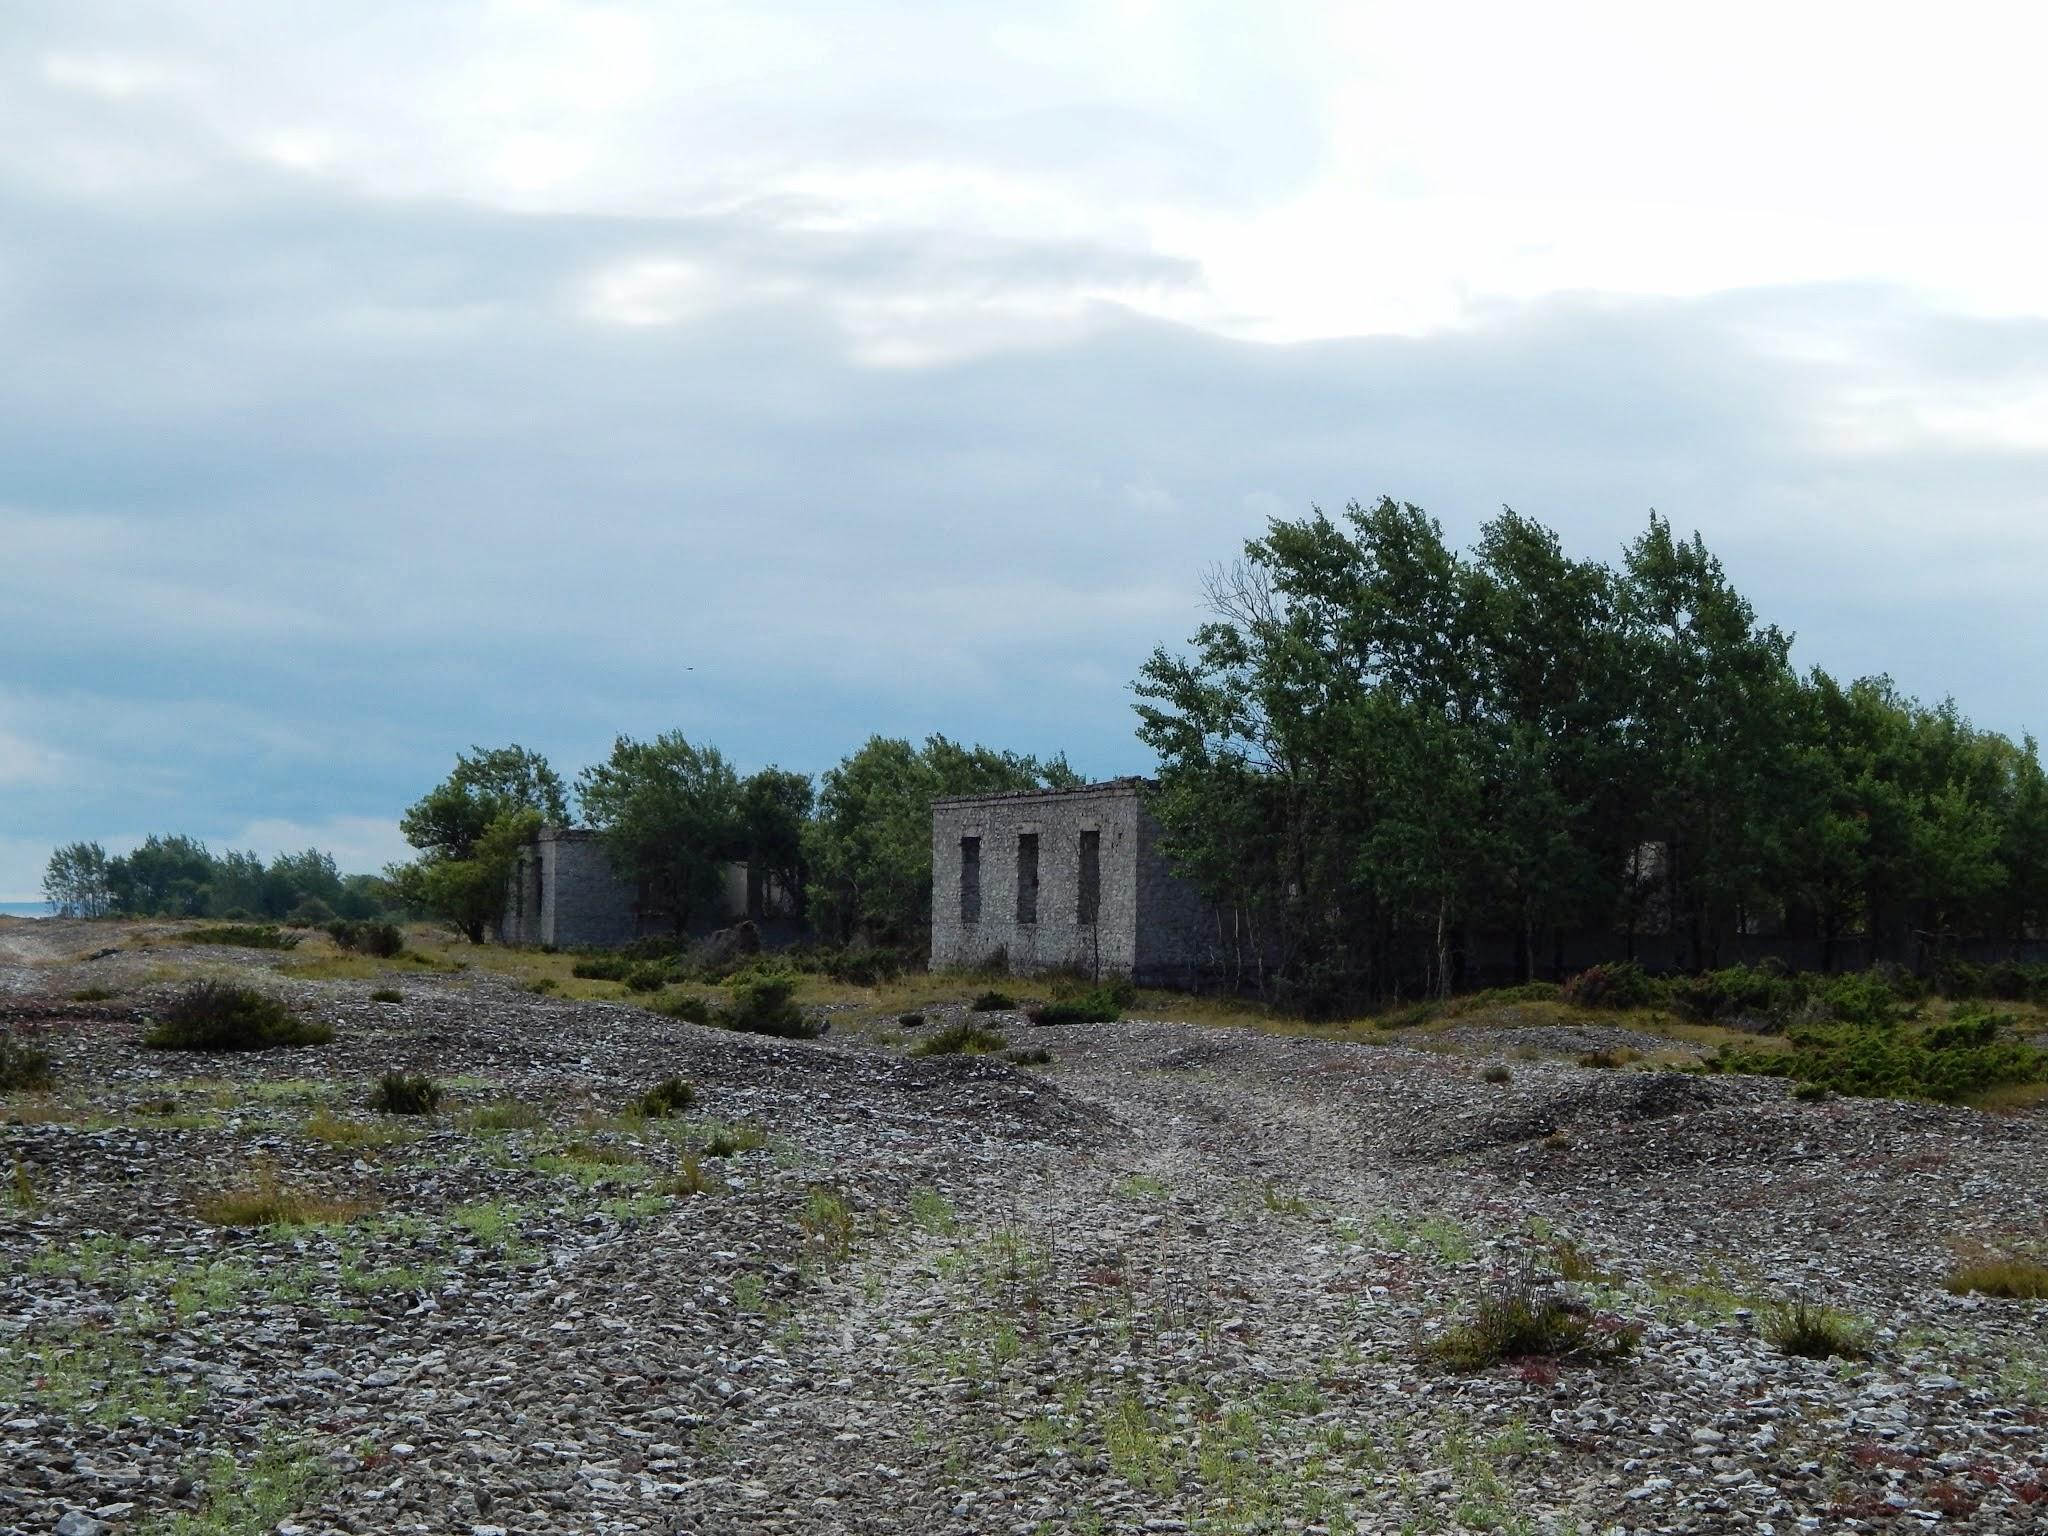 Vanad kasarmud ja siinsele rannikule iseloomulikud klibuvallid. Foto: Eve Rohula